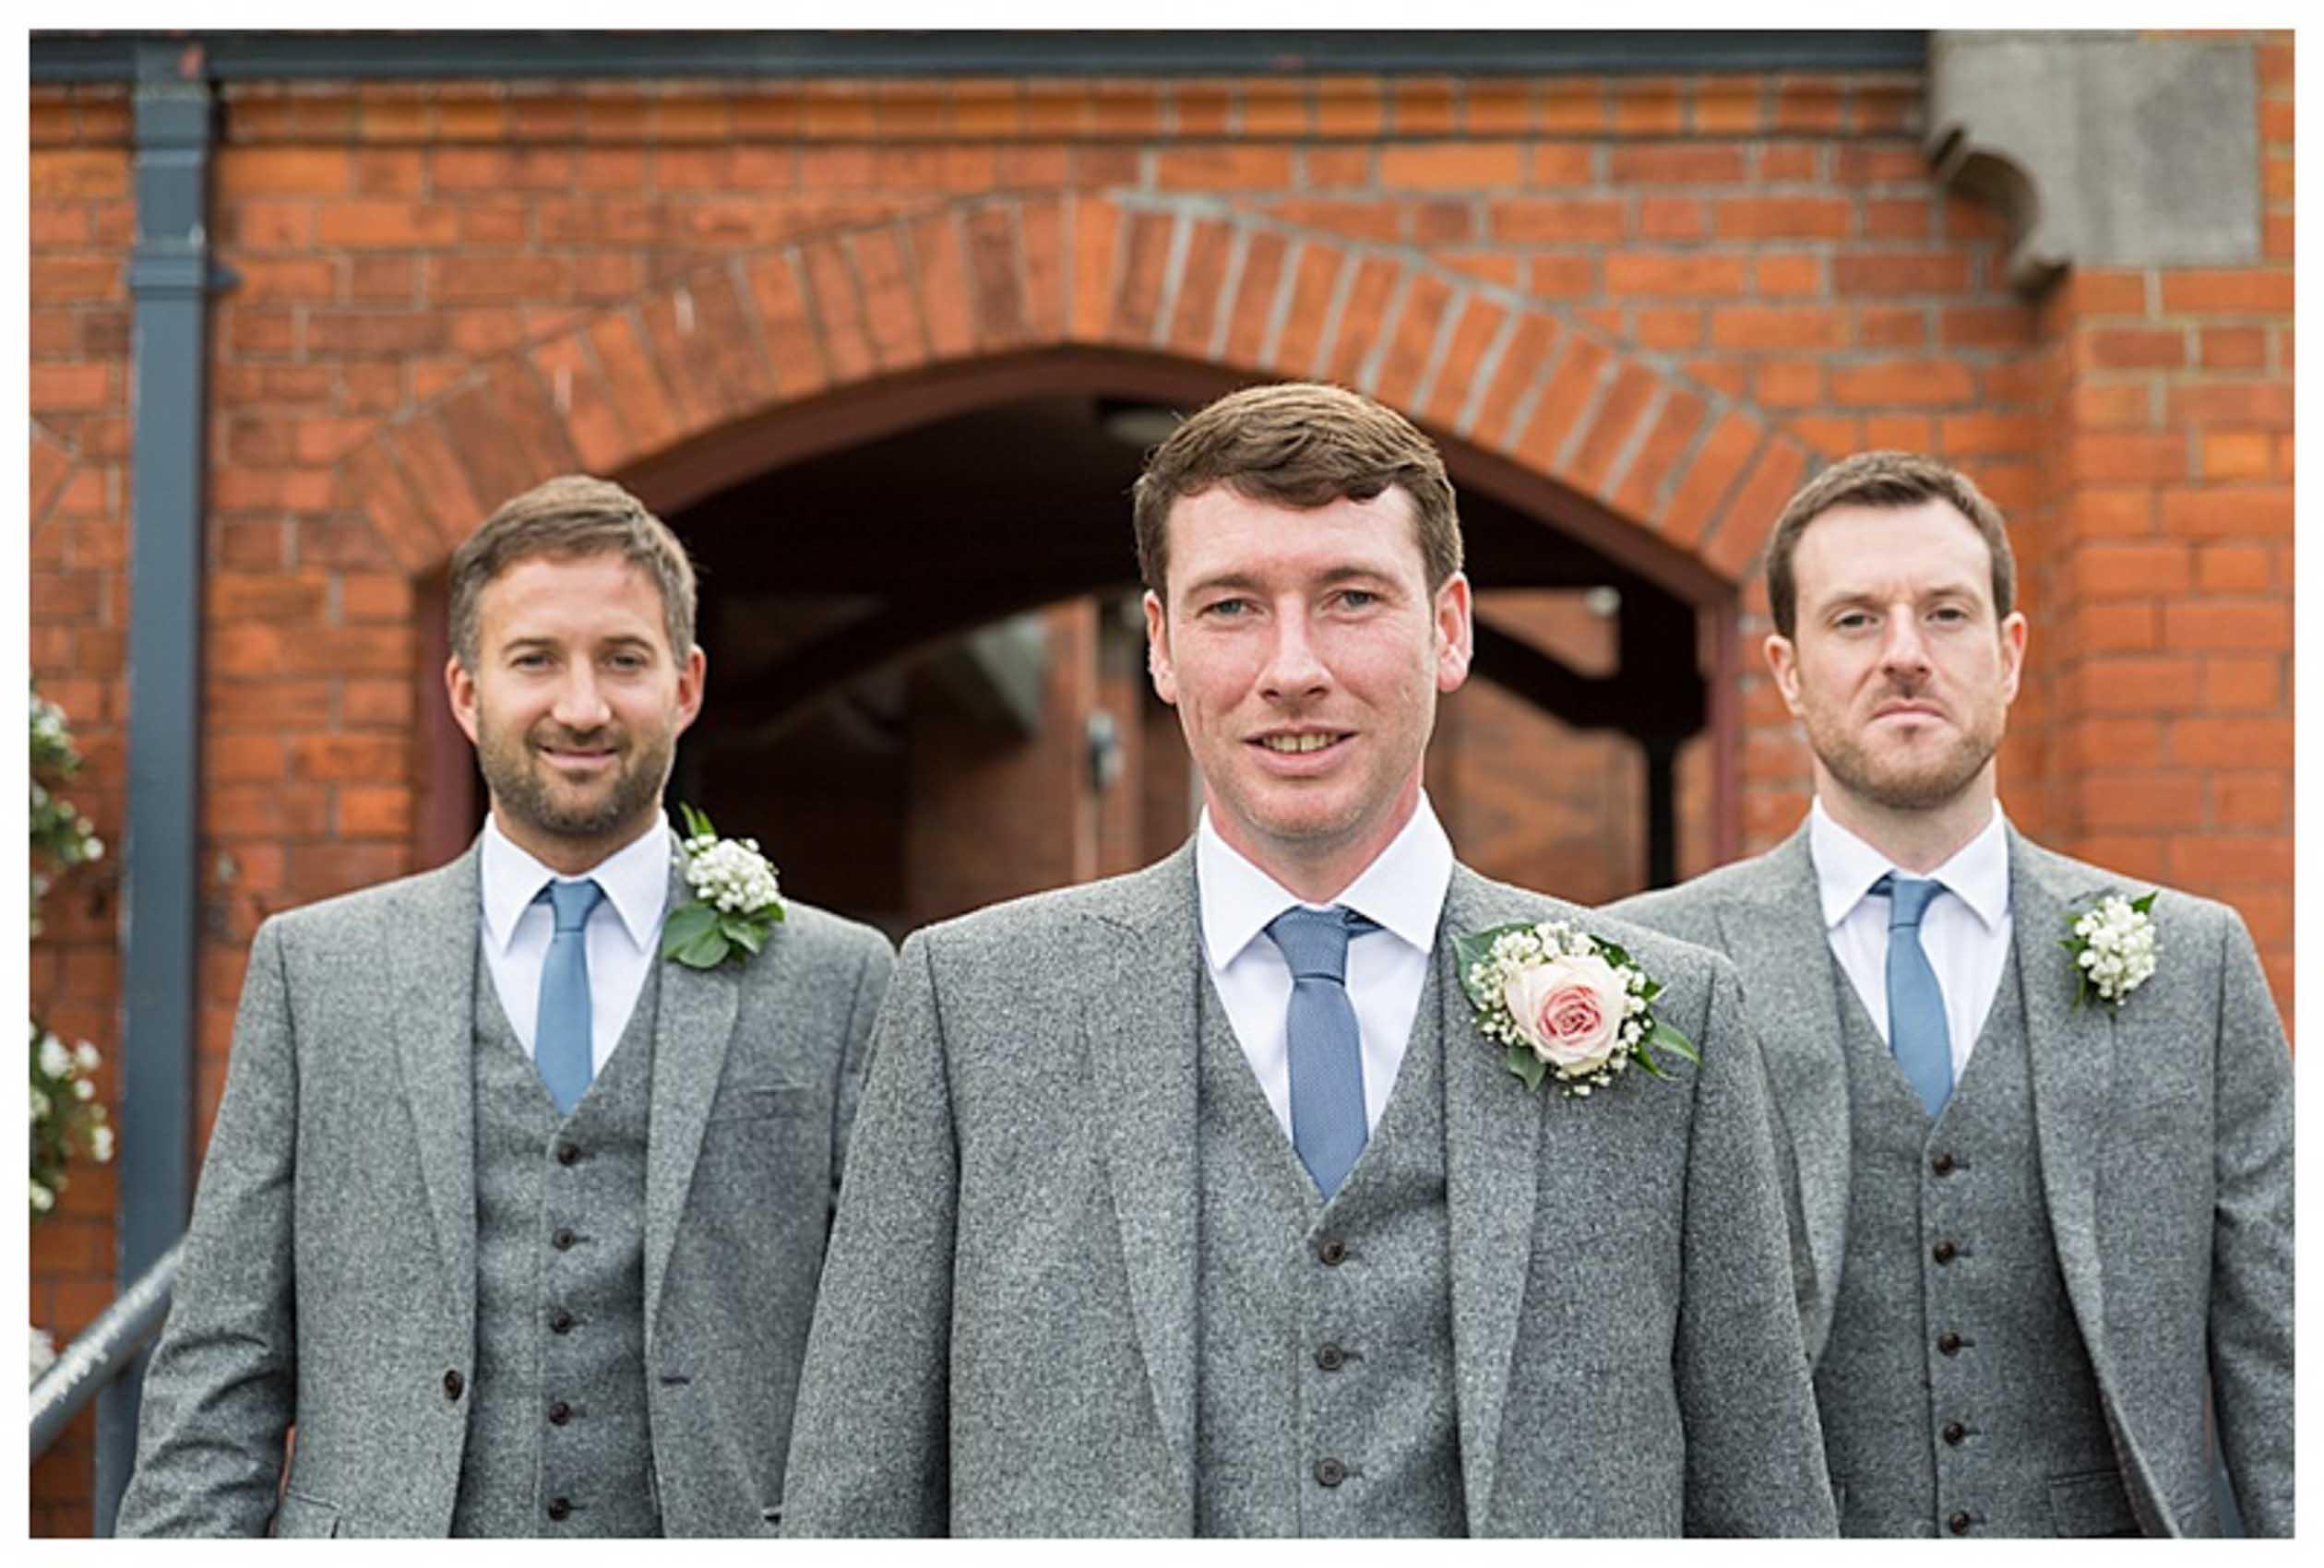 Larchfield Estate Wedding Photography by Ricky Parker Photography 21